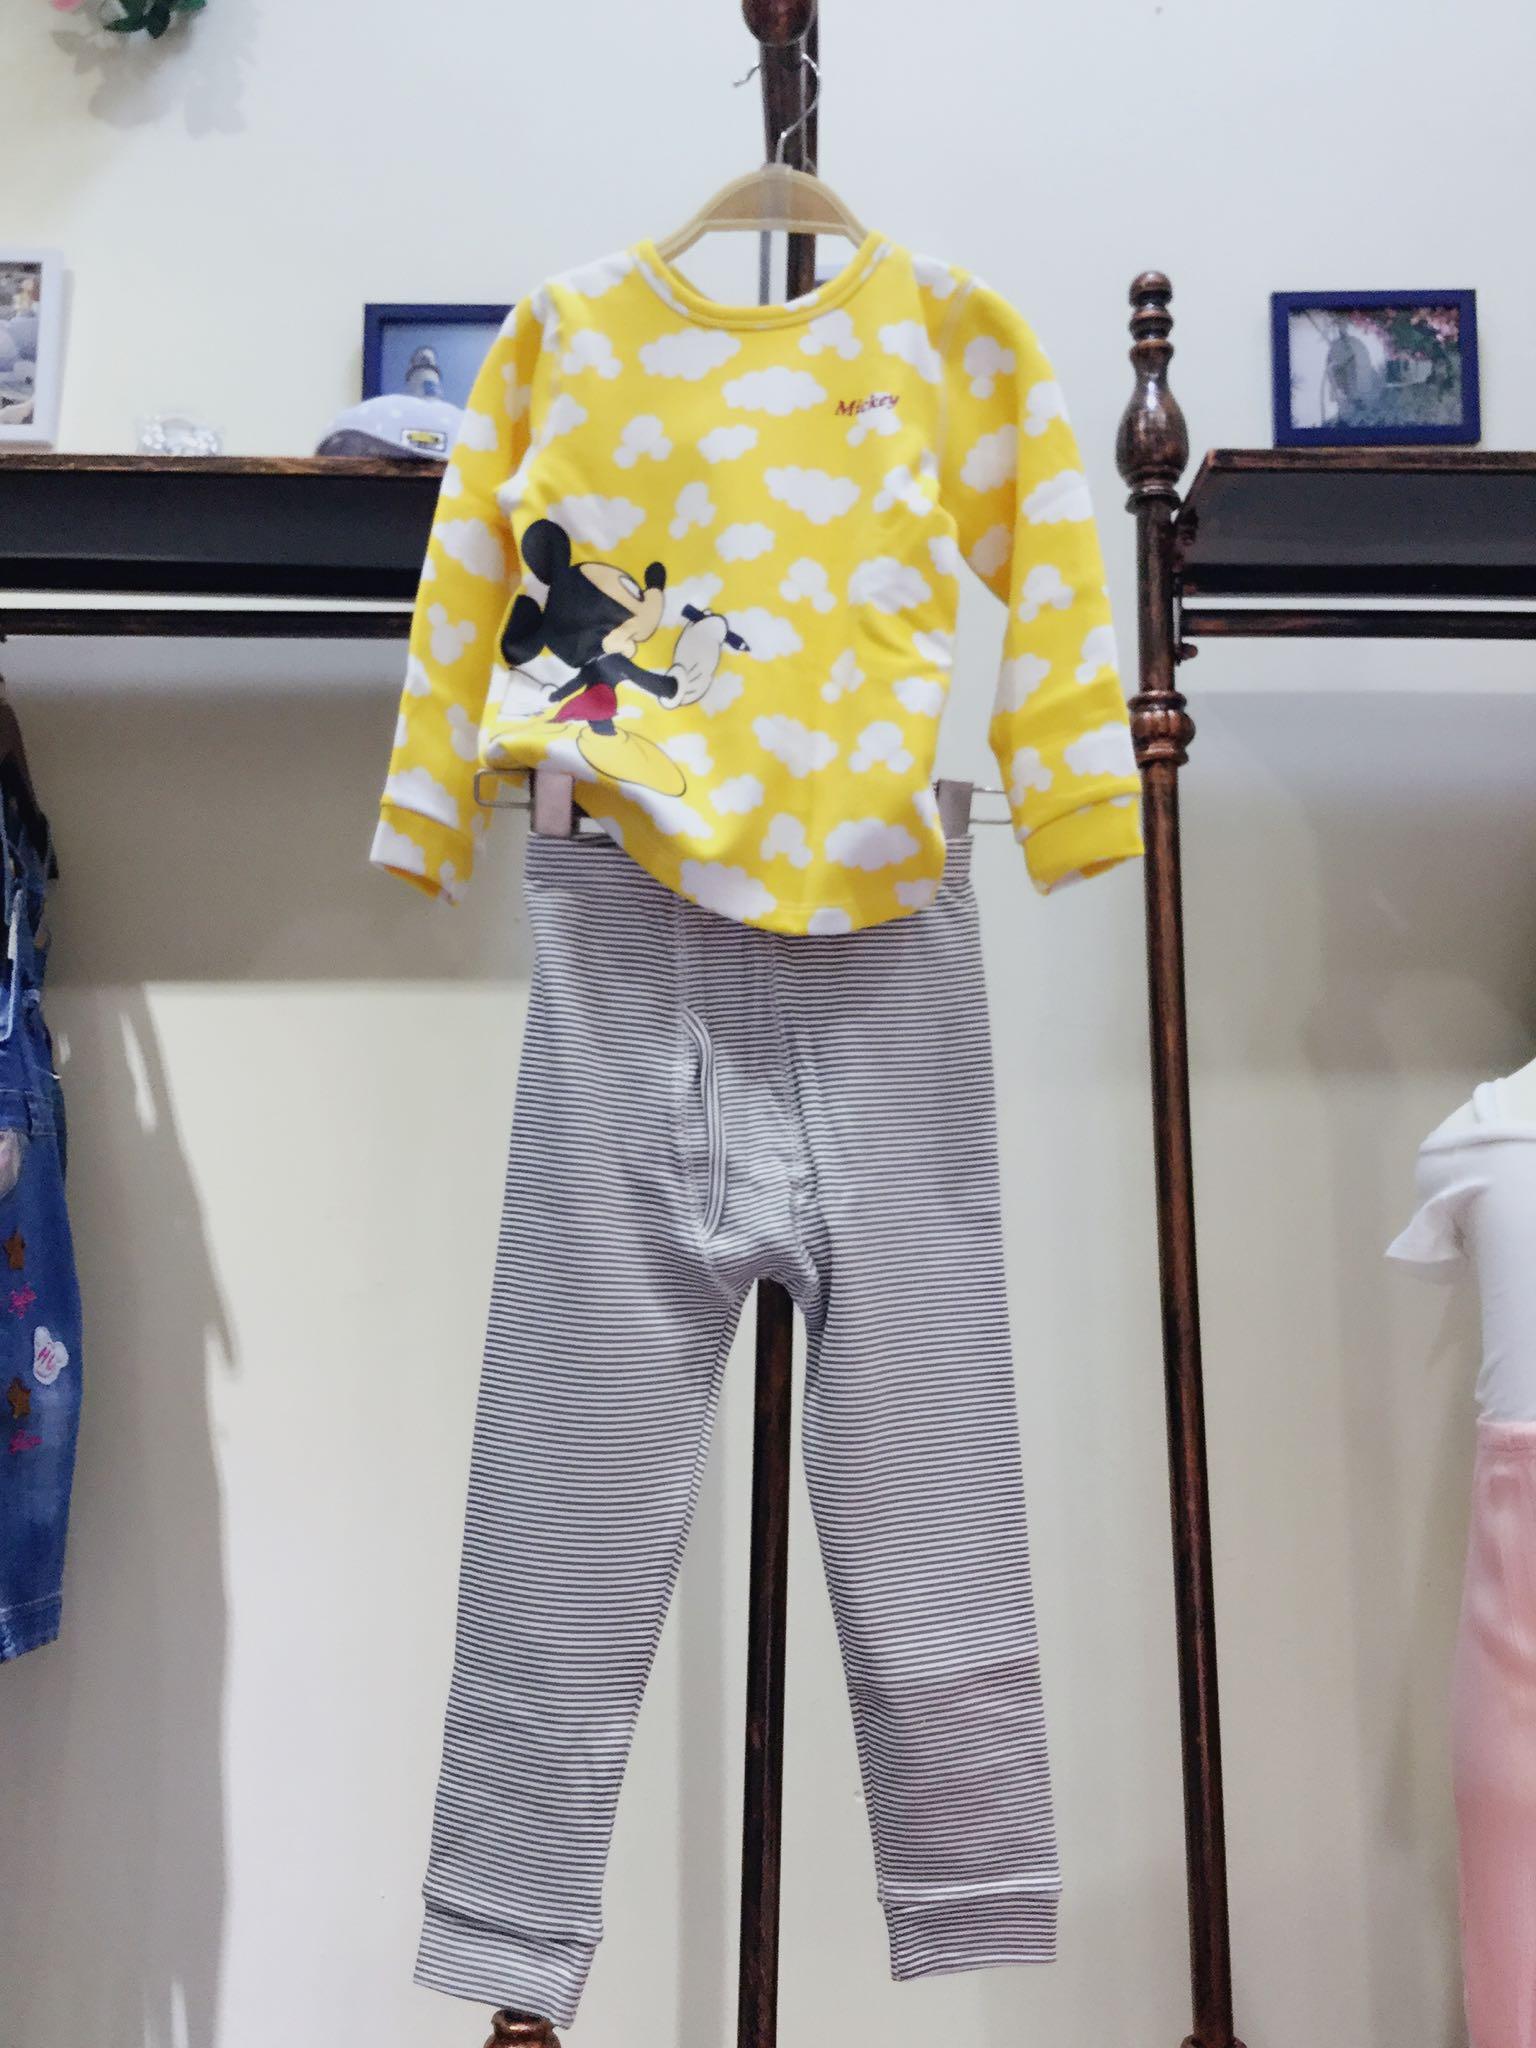 15【迪家】专柜高档儿童针织内衣套装